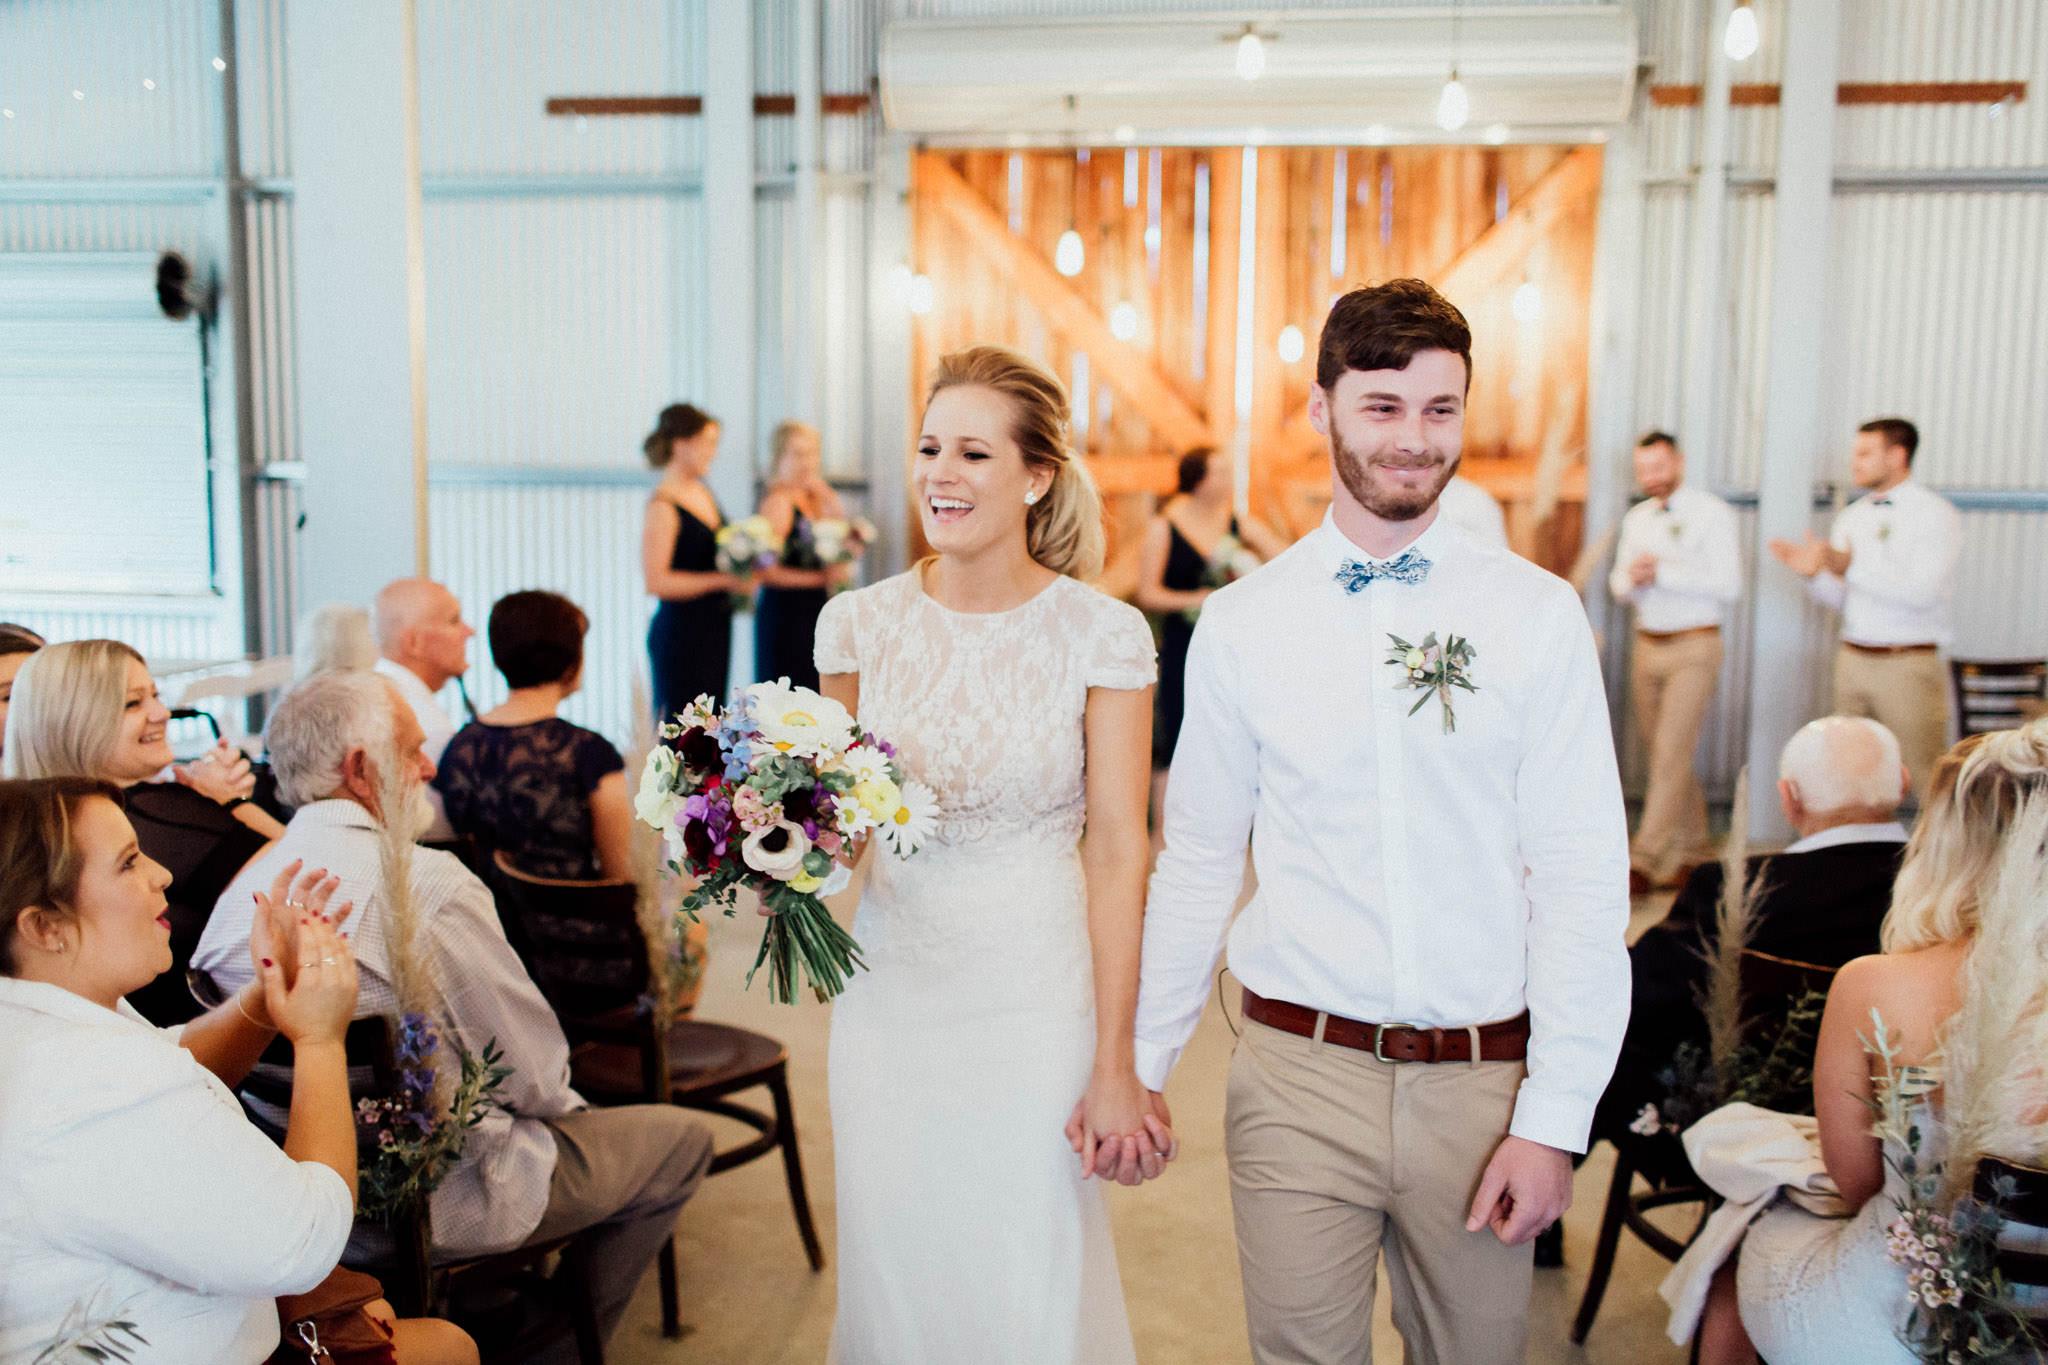 WeddingPhotos_Facebook_2048pixels-1333.jpg